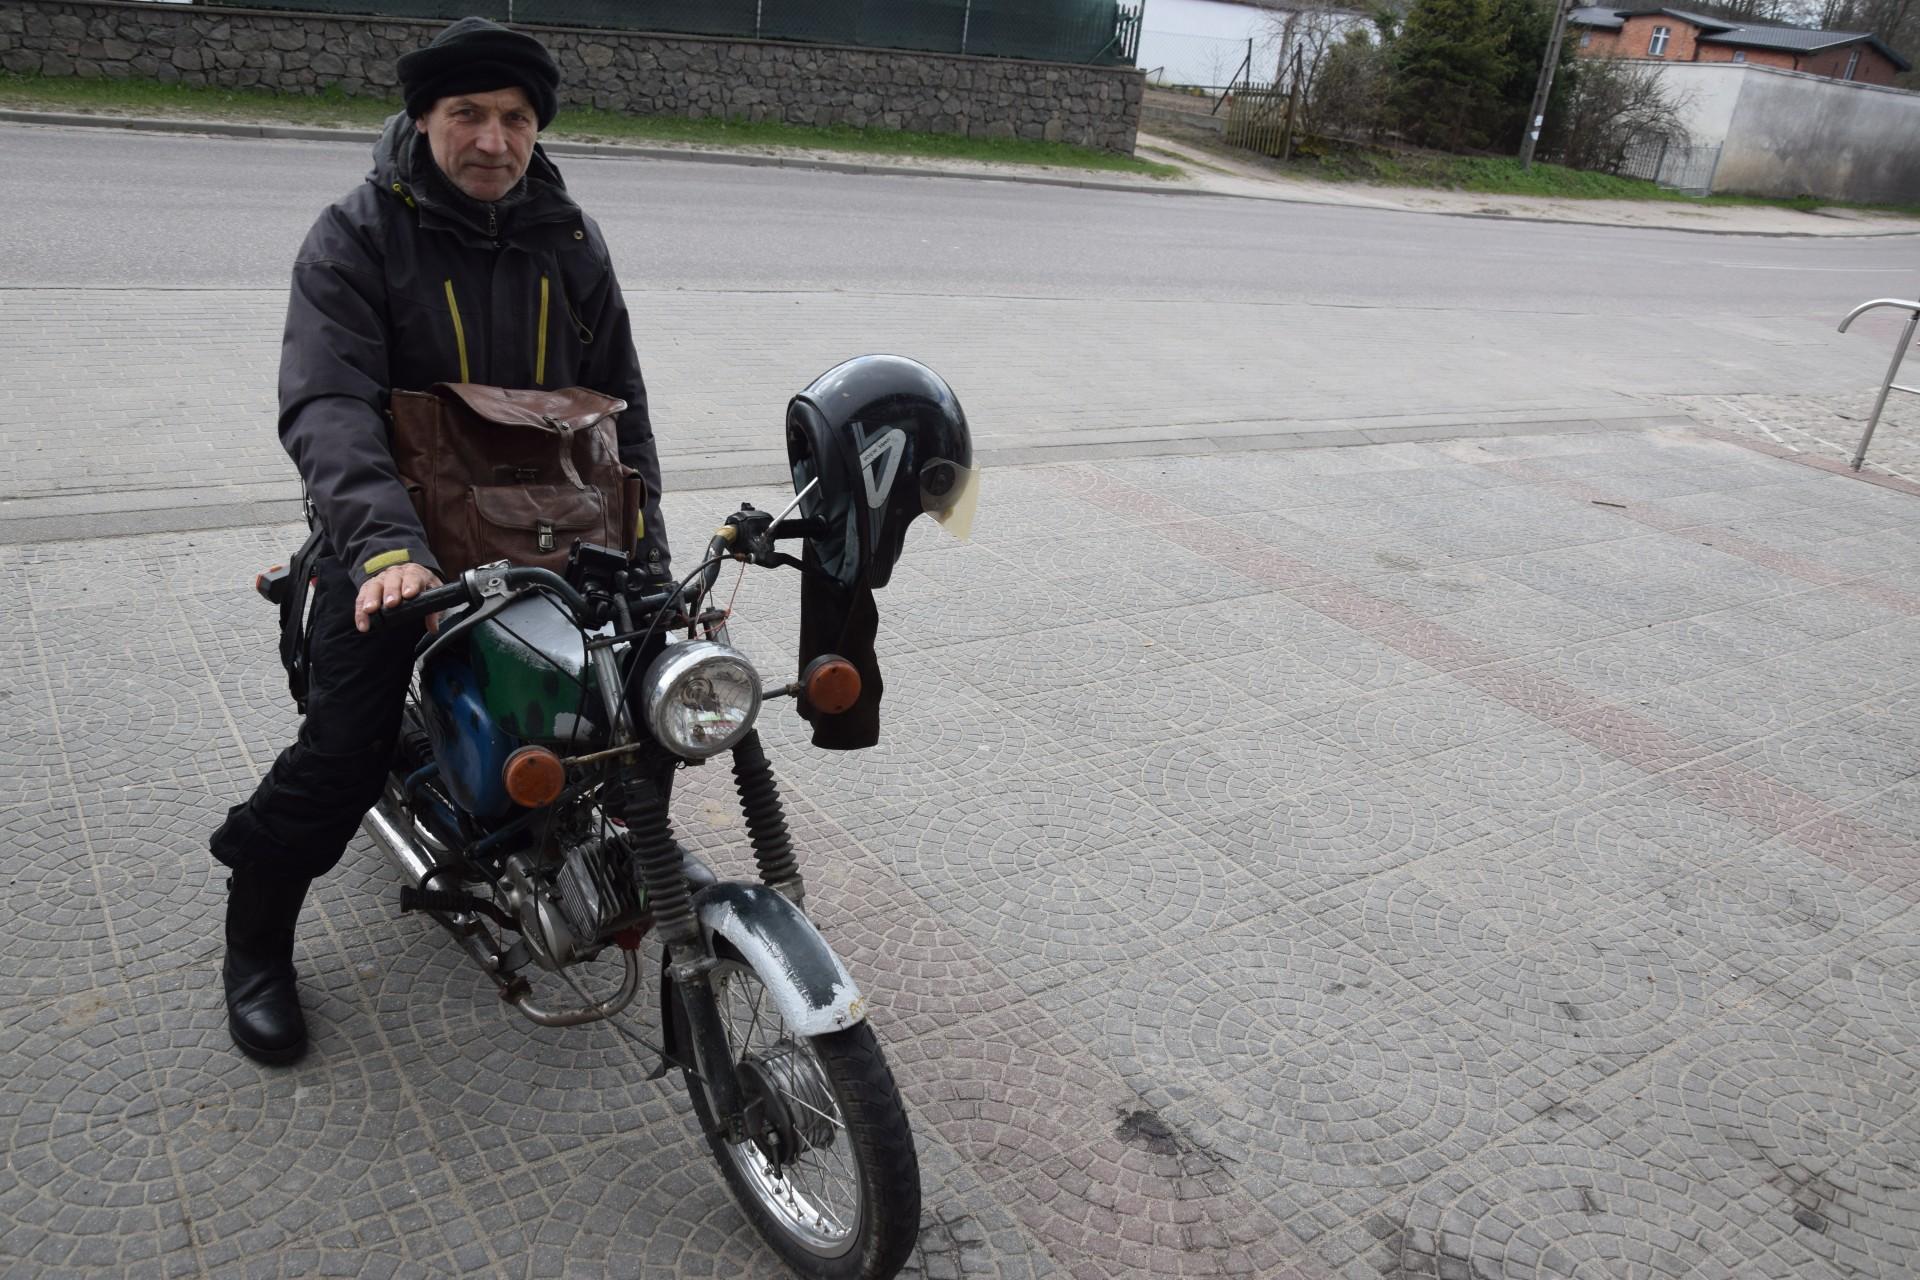 Pan Leon. Gołubie Kaszubskie, kwiecień 2017. Fot. Tomasz Słomczyński/Magazyn Kaszuby